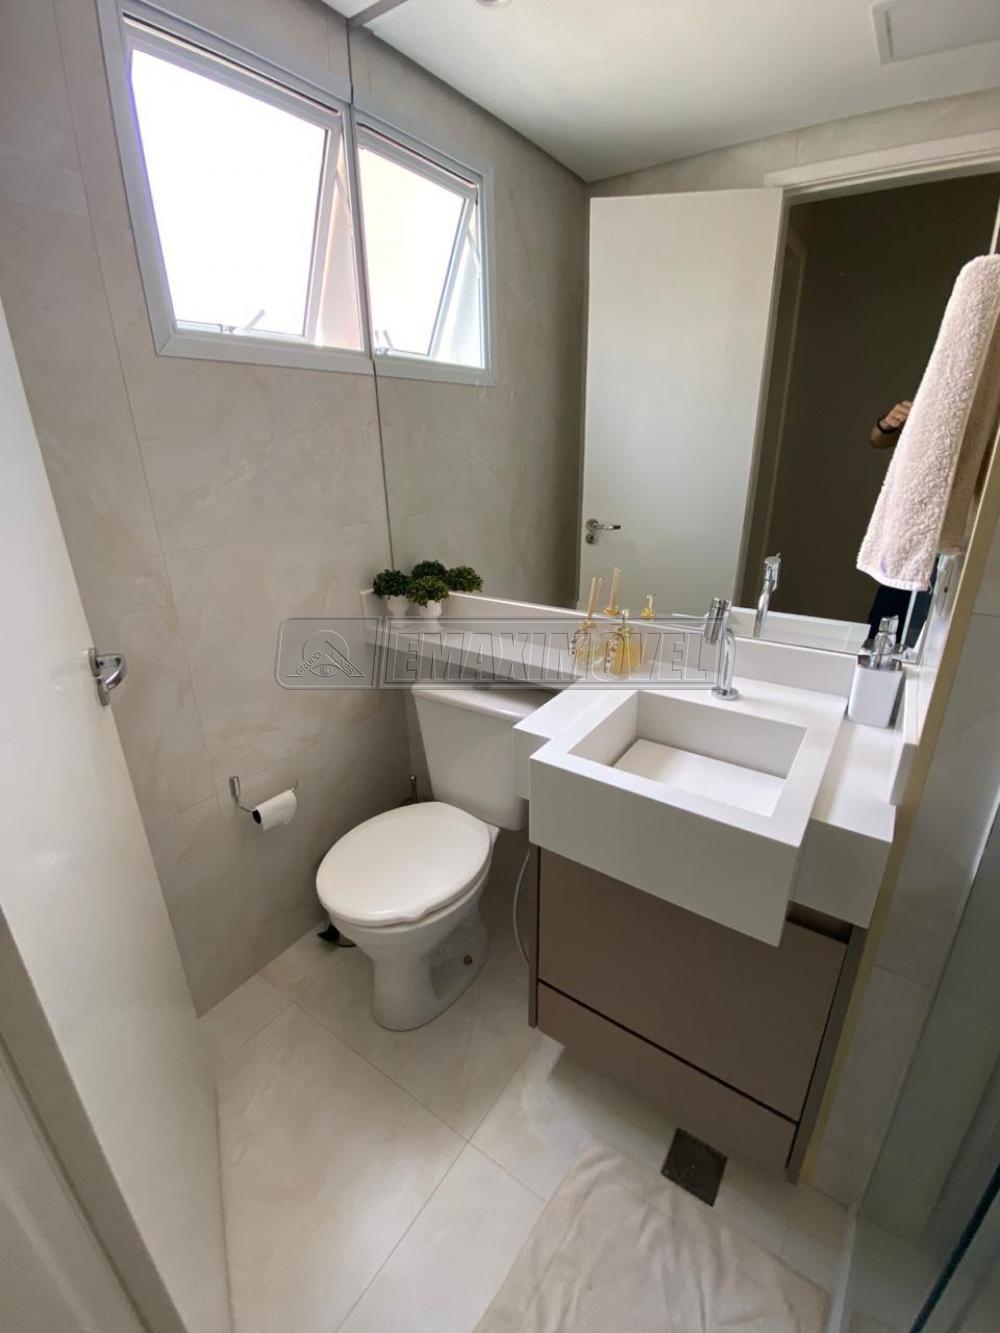 Comprar Apartamentos / Apto Padrão em Sorocaba apenas R$ 290.000,00 - Foto 12